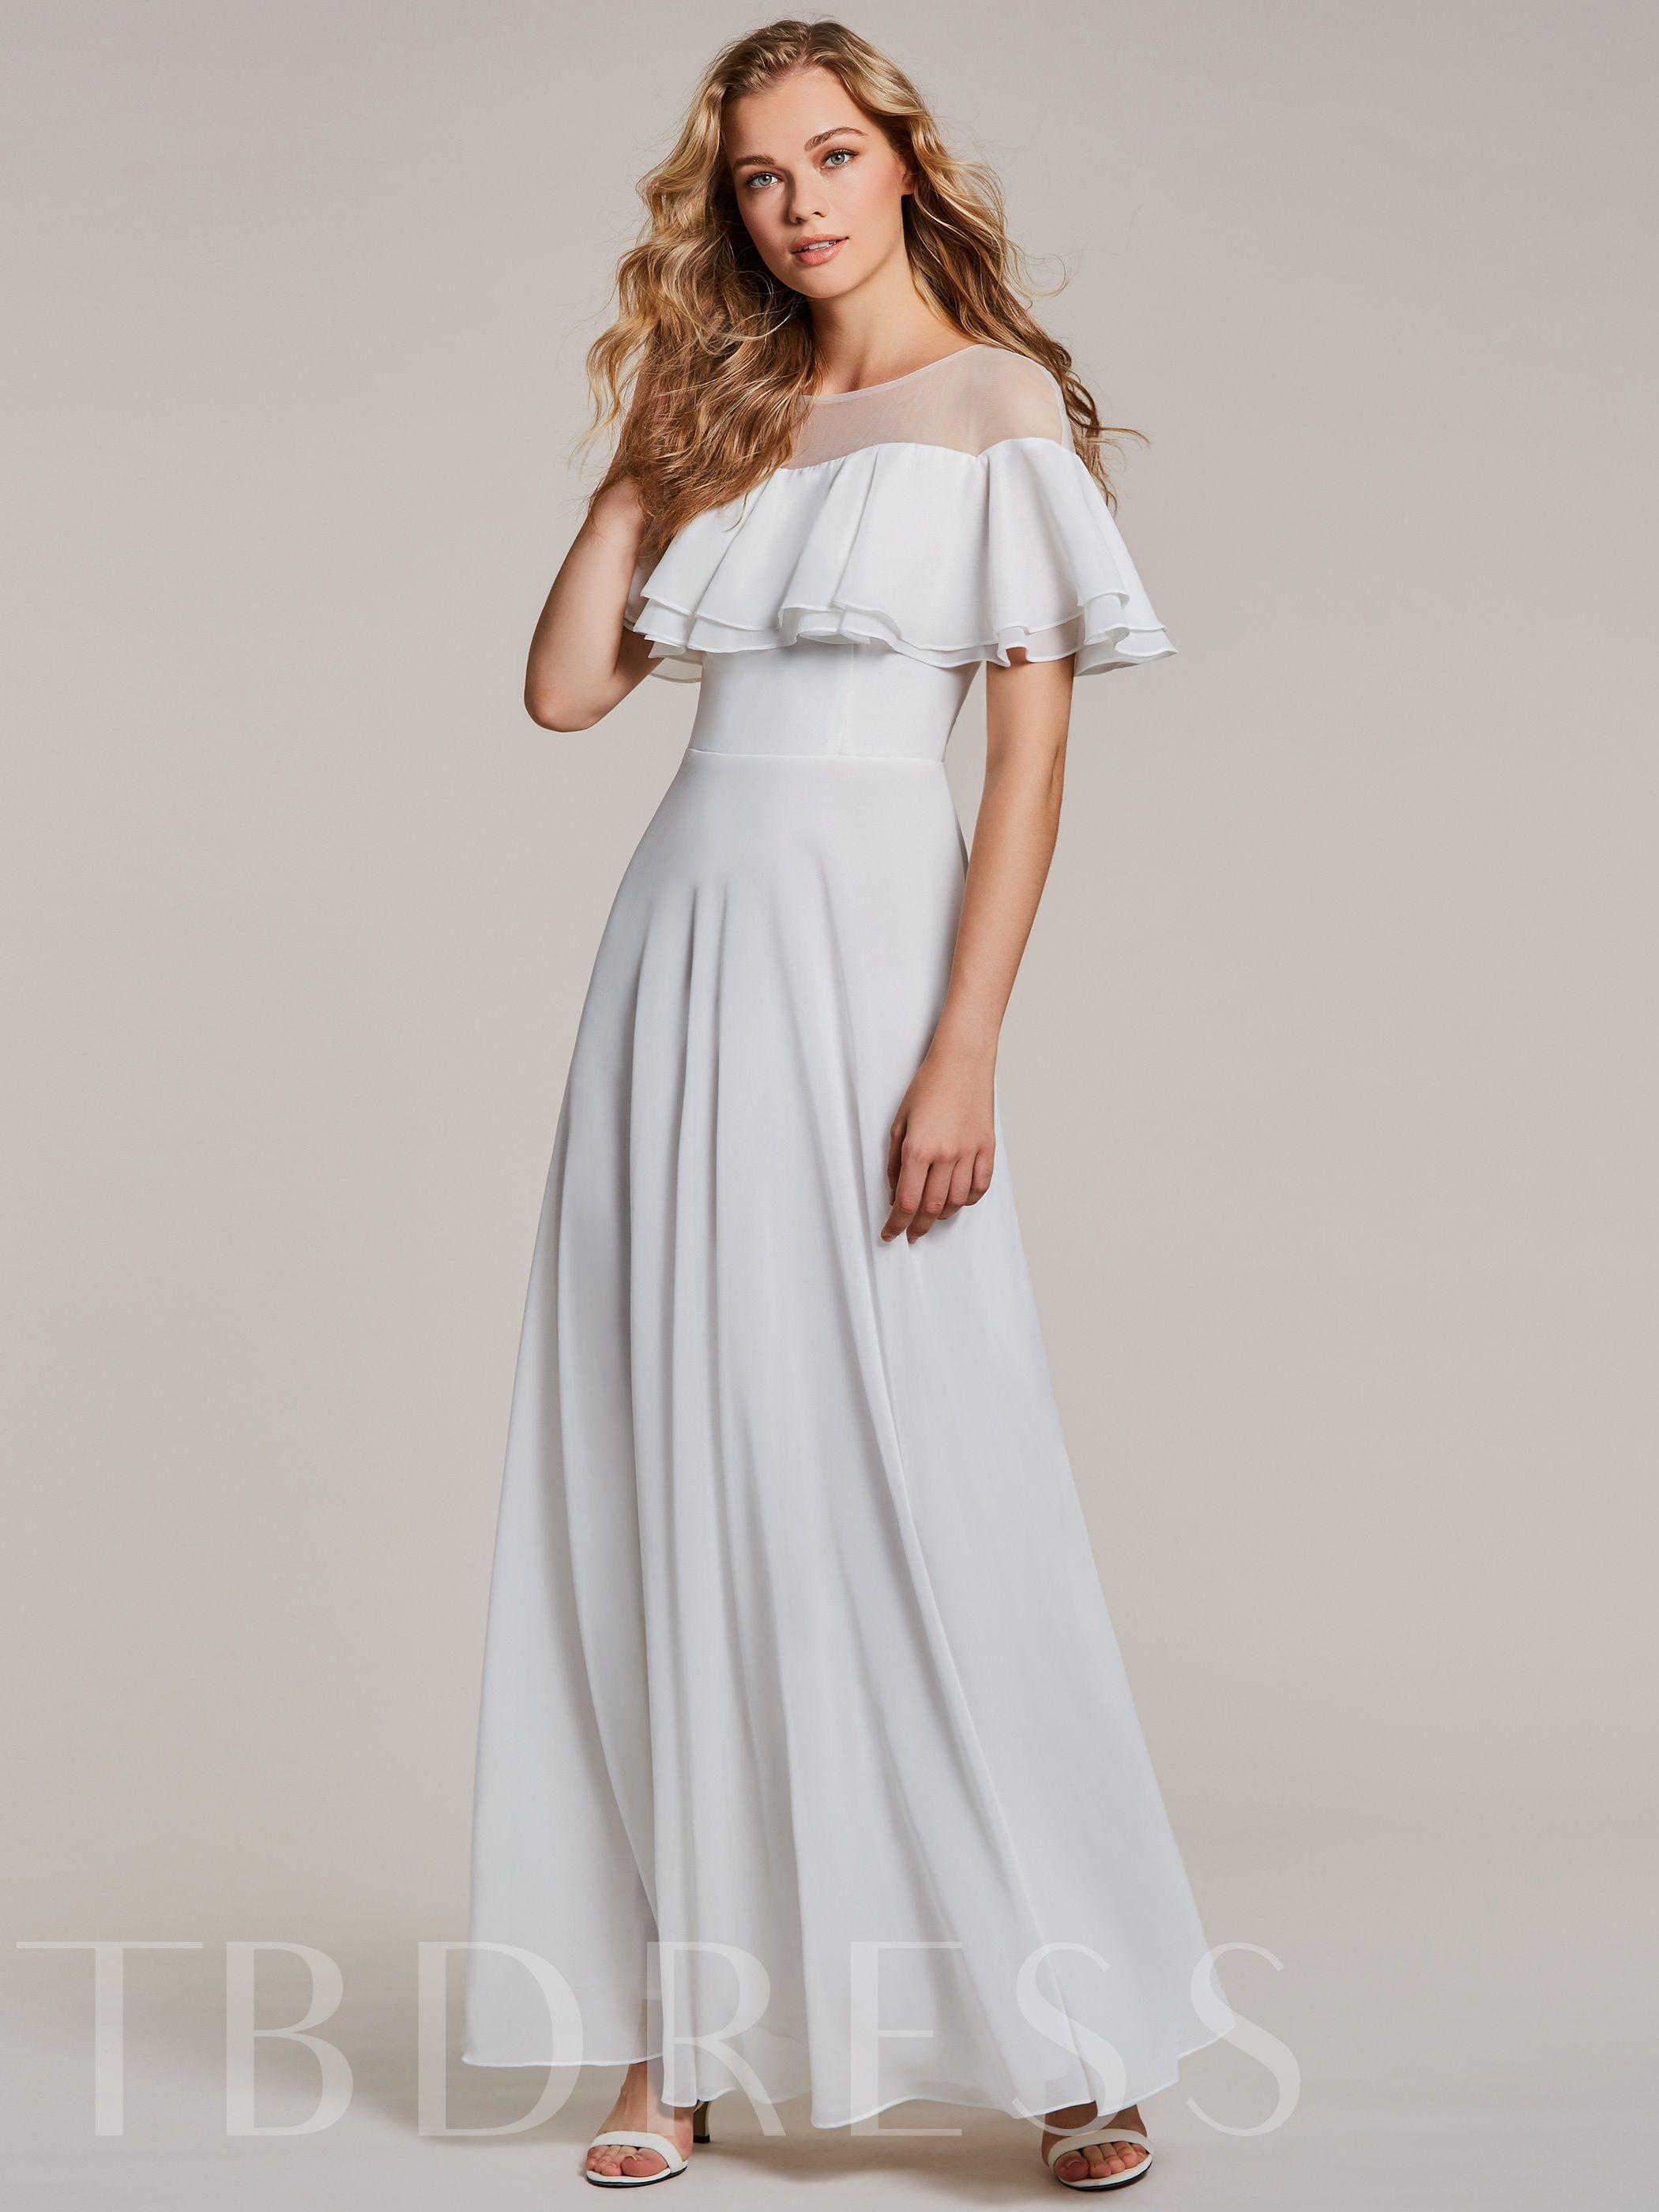 fe4f699a0 Cuello redondo una línea de vestido de noche blanco en 2019